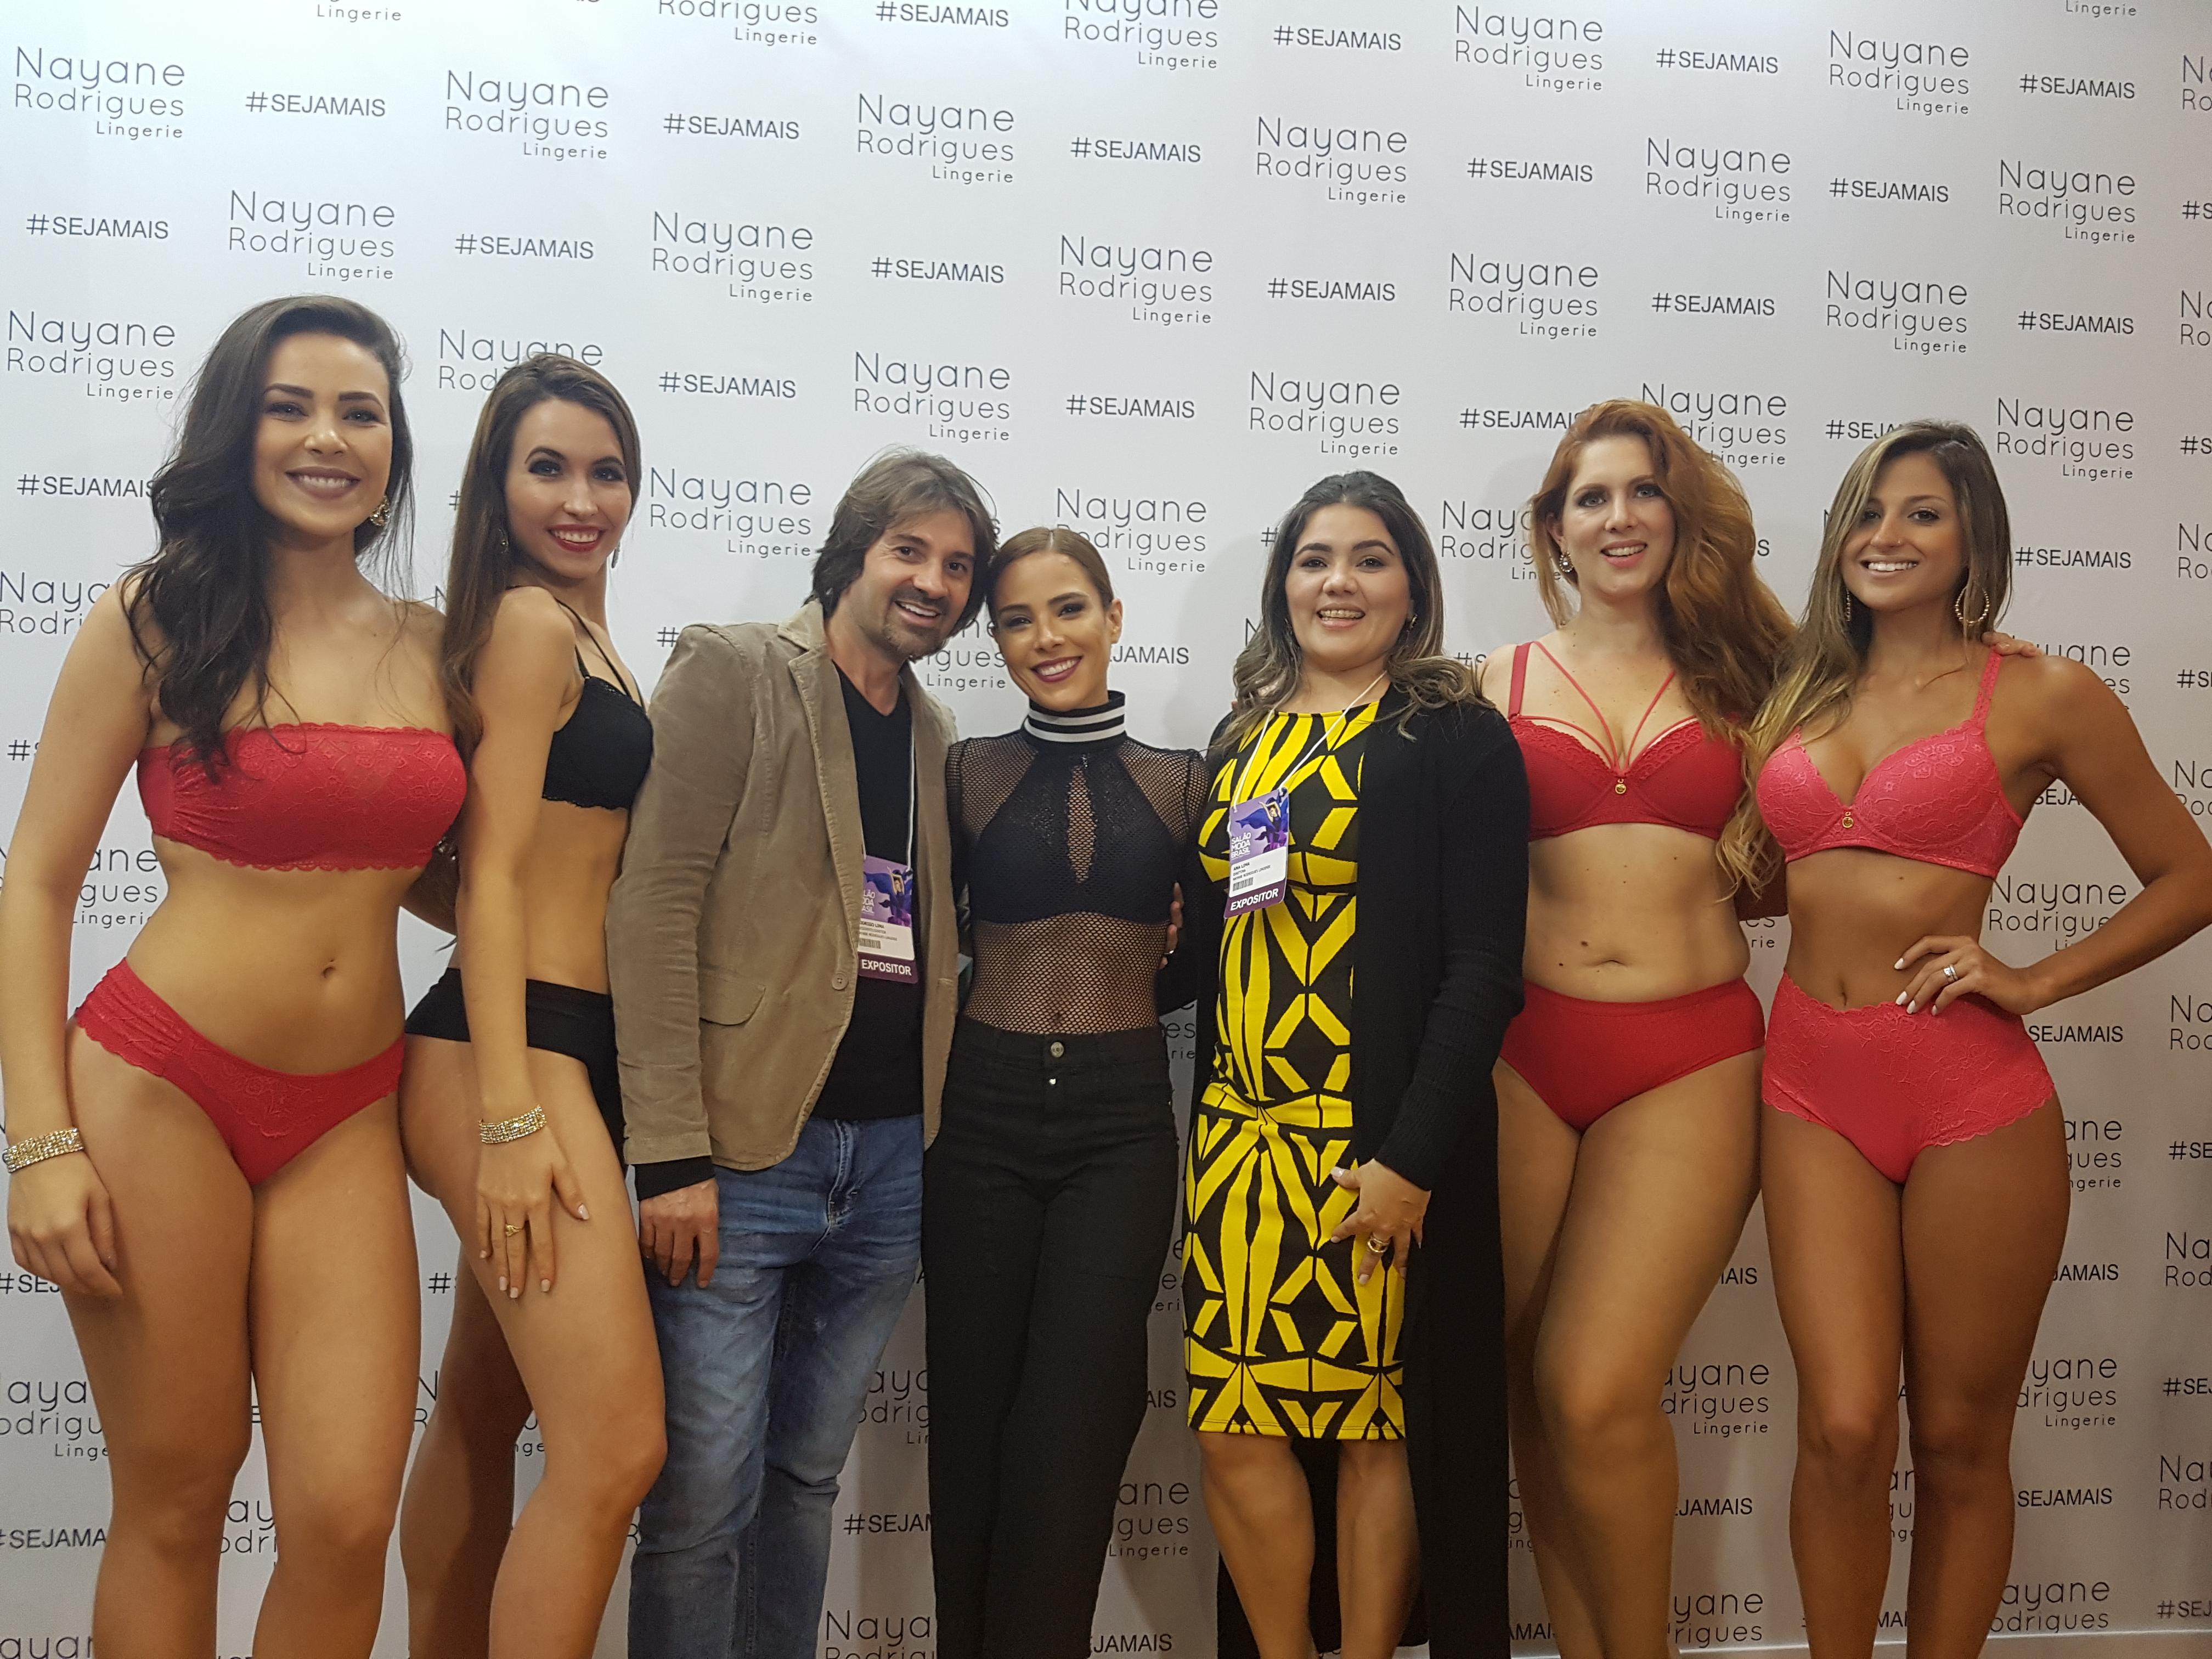 cb034db2c Nayane Rodrigues Lingerie comemora sucesso no Salão Moda Brasil 2017